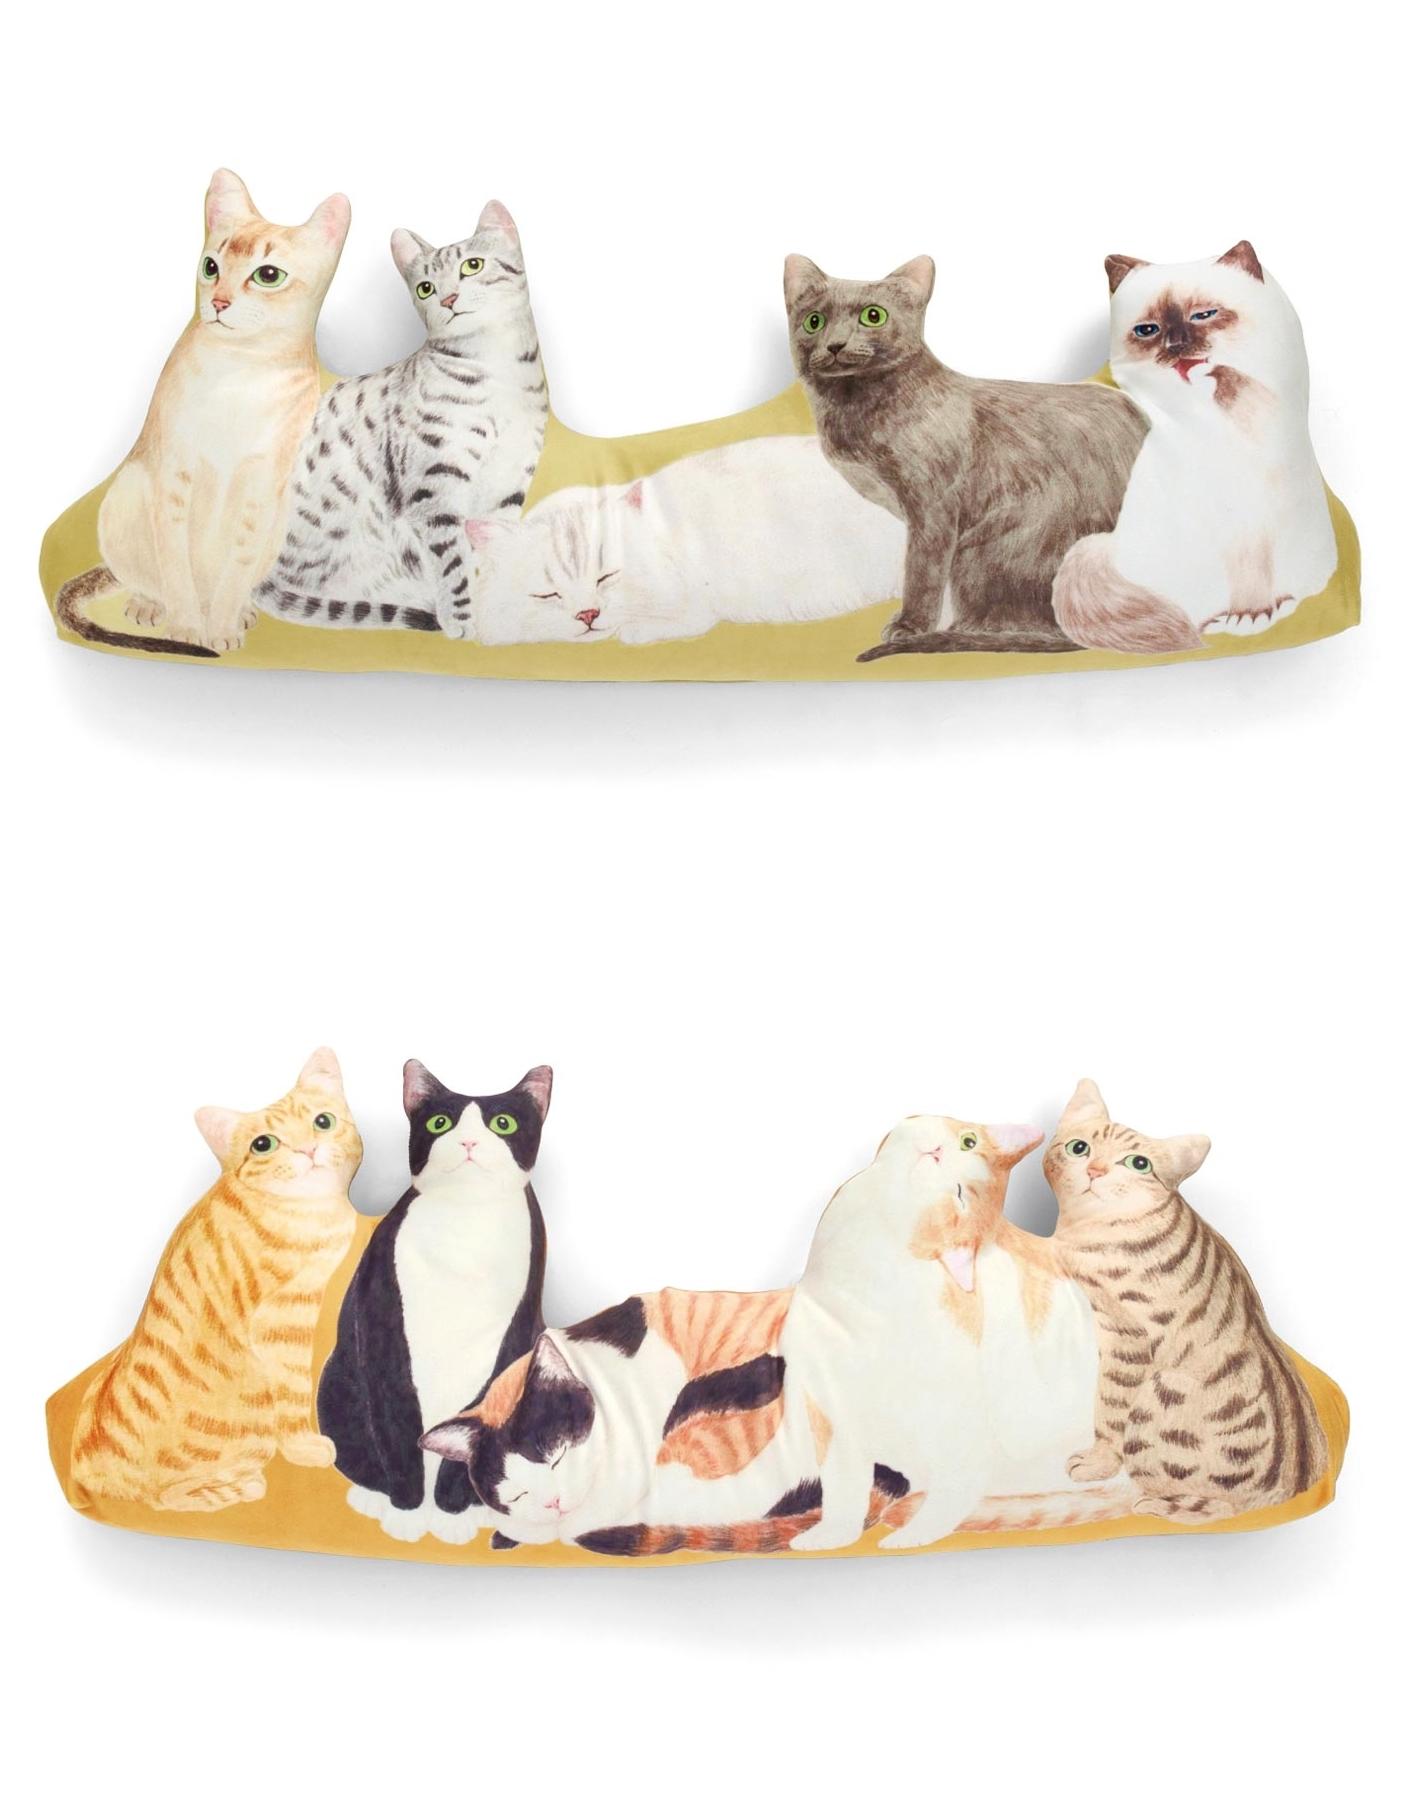 不能養貓就選造型靠墊來過過乾癮~各6,043 日圓